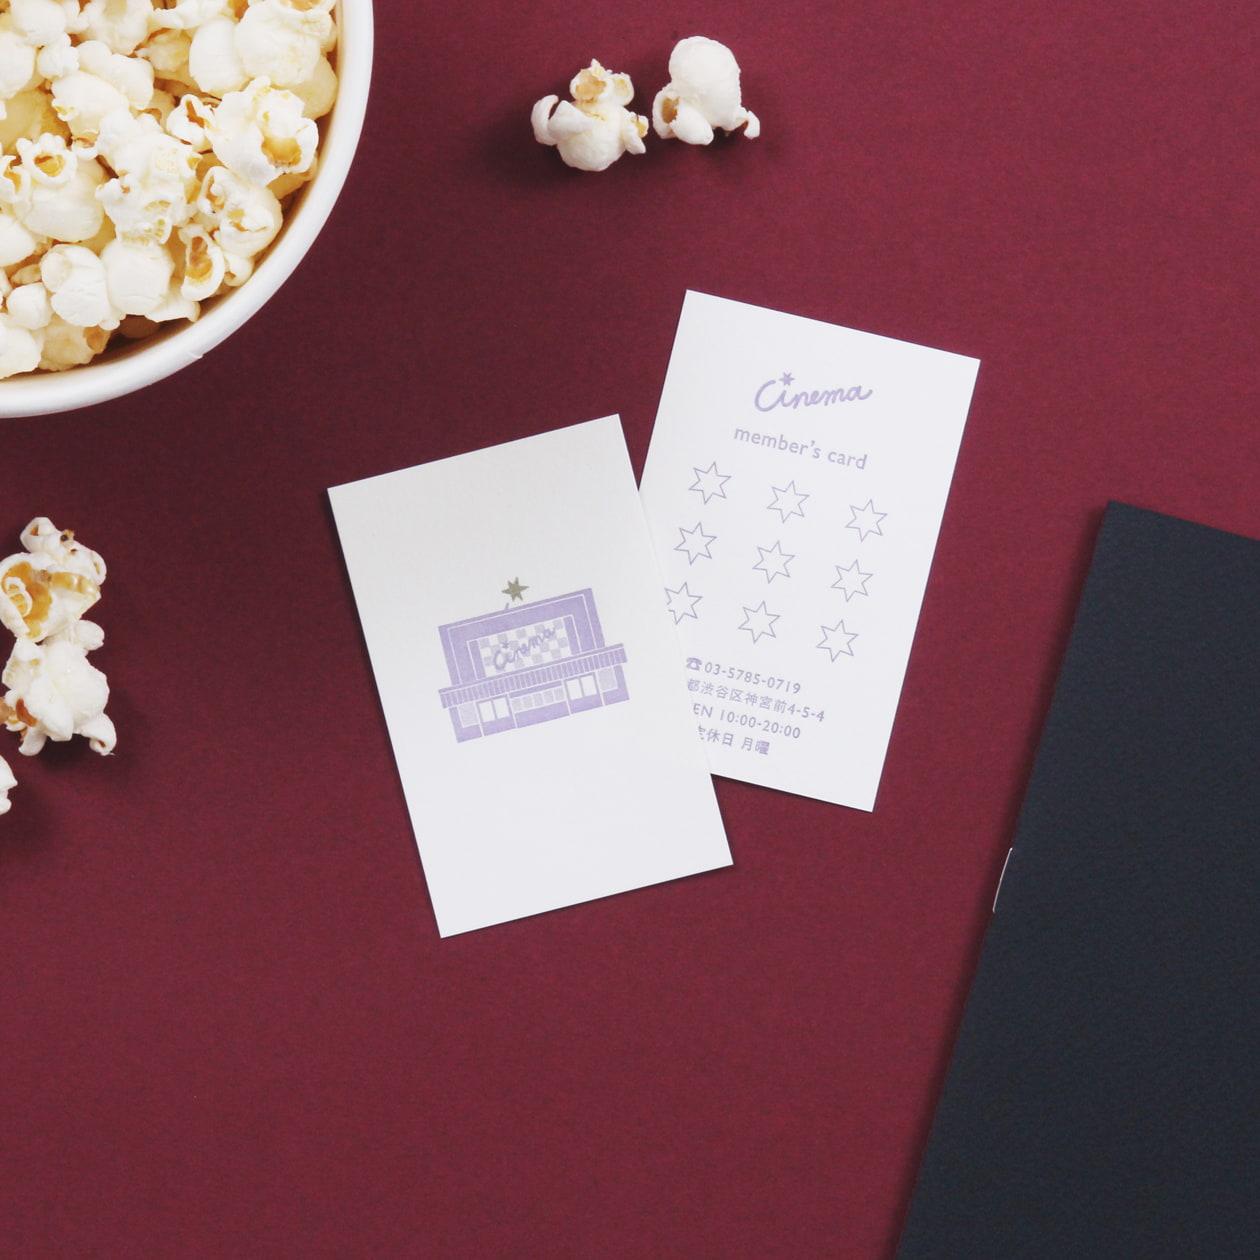 映画館のメンバーズカード